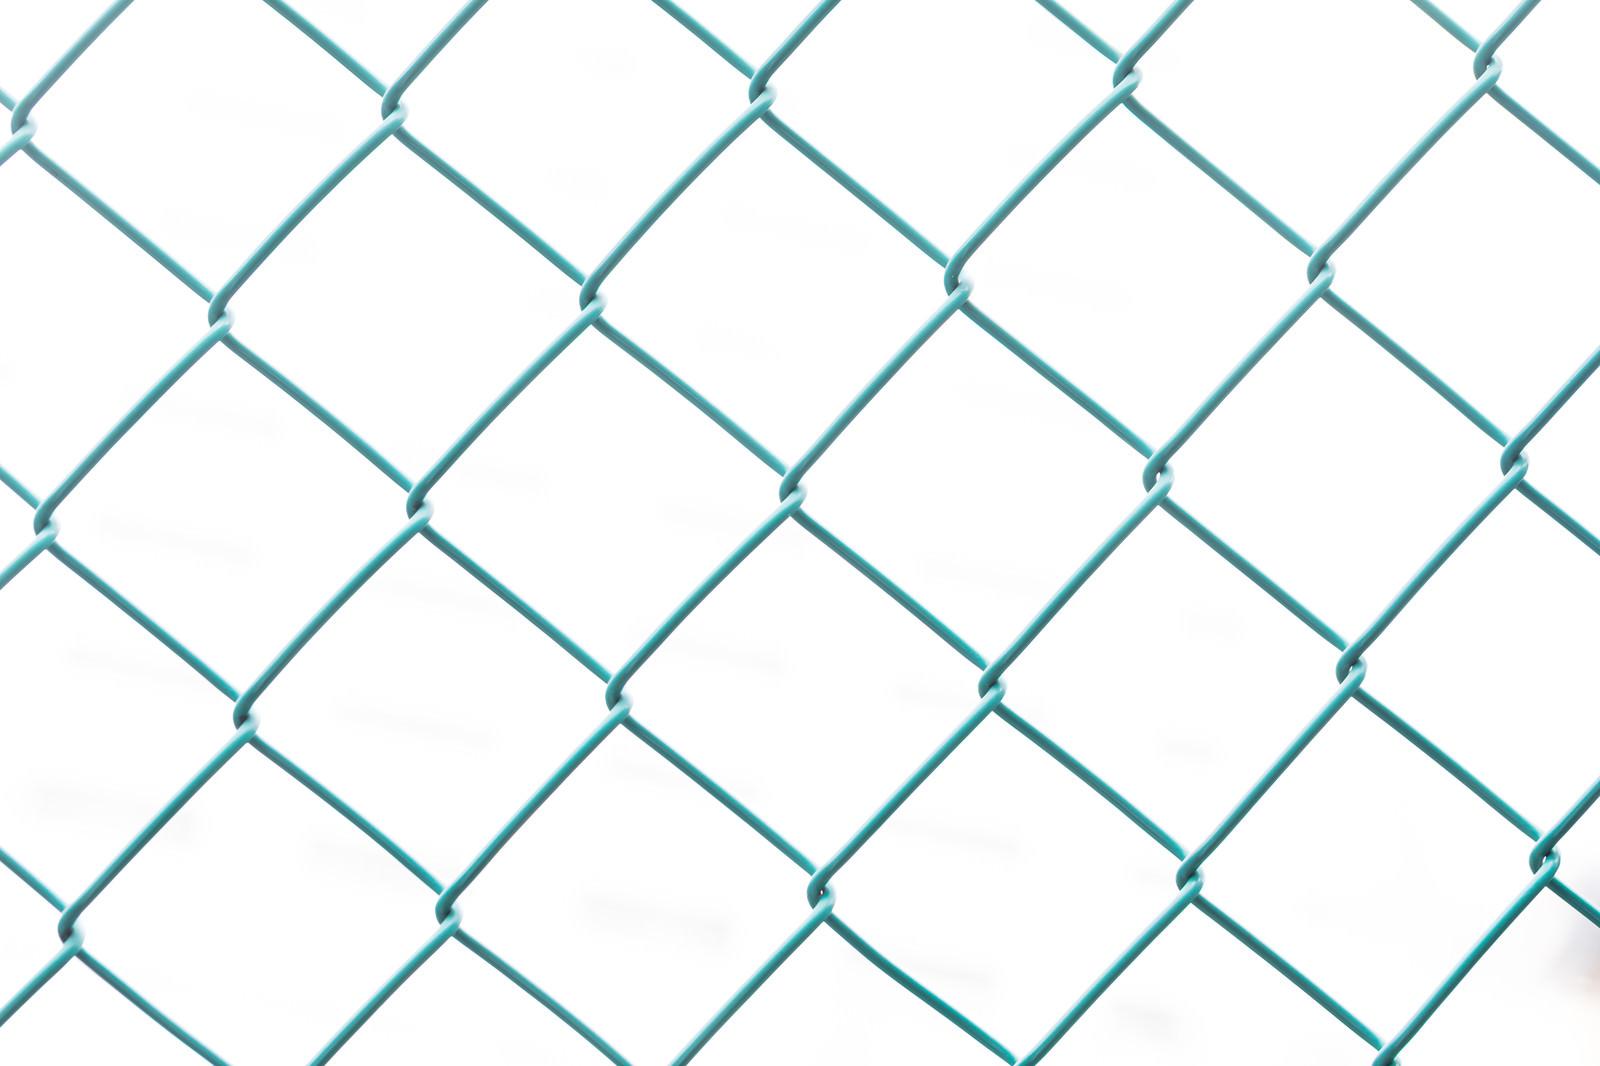 「菱形フェンス」の写真